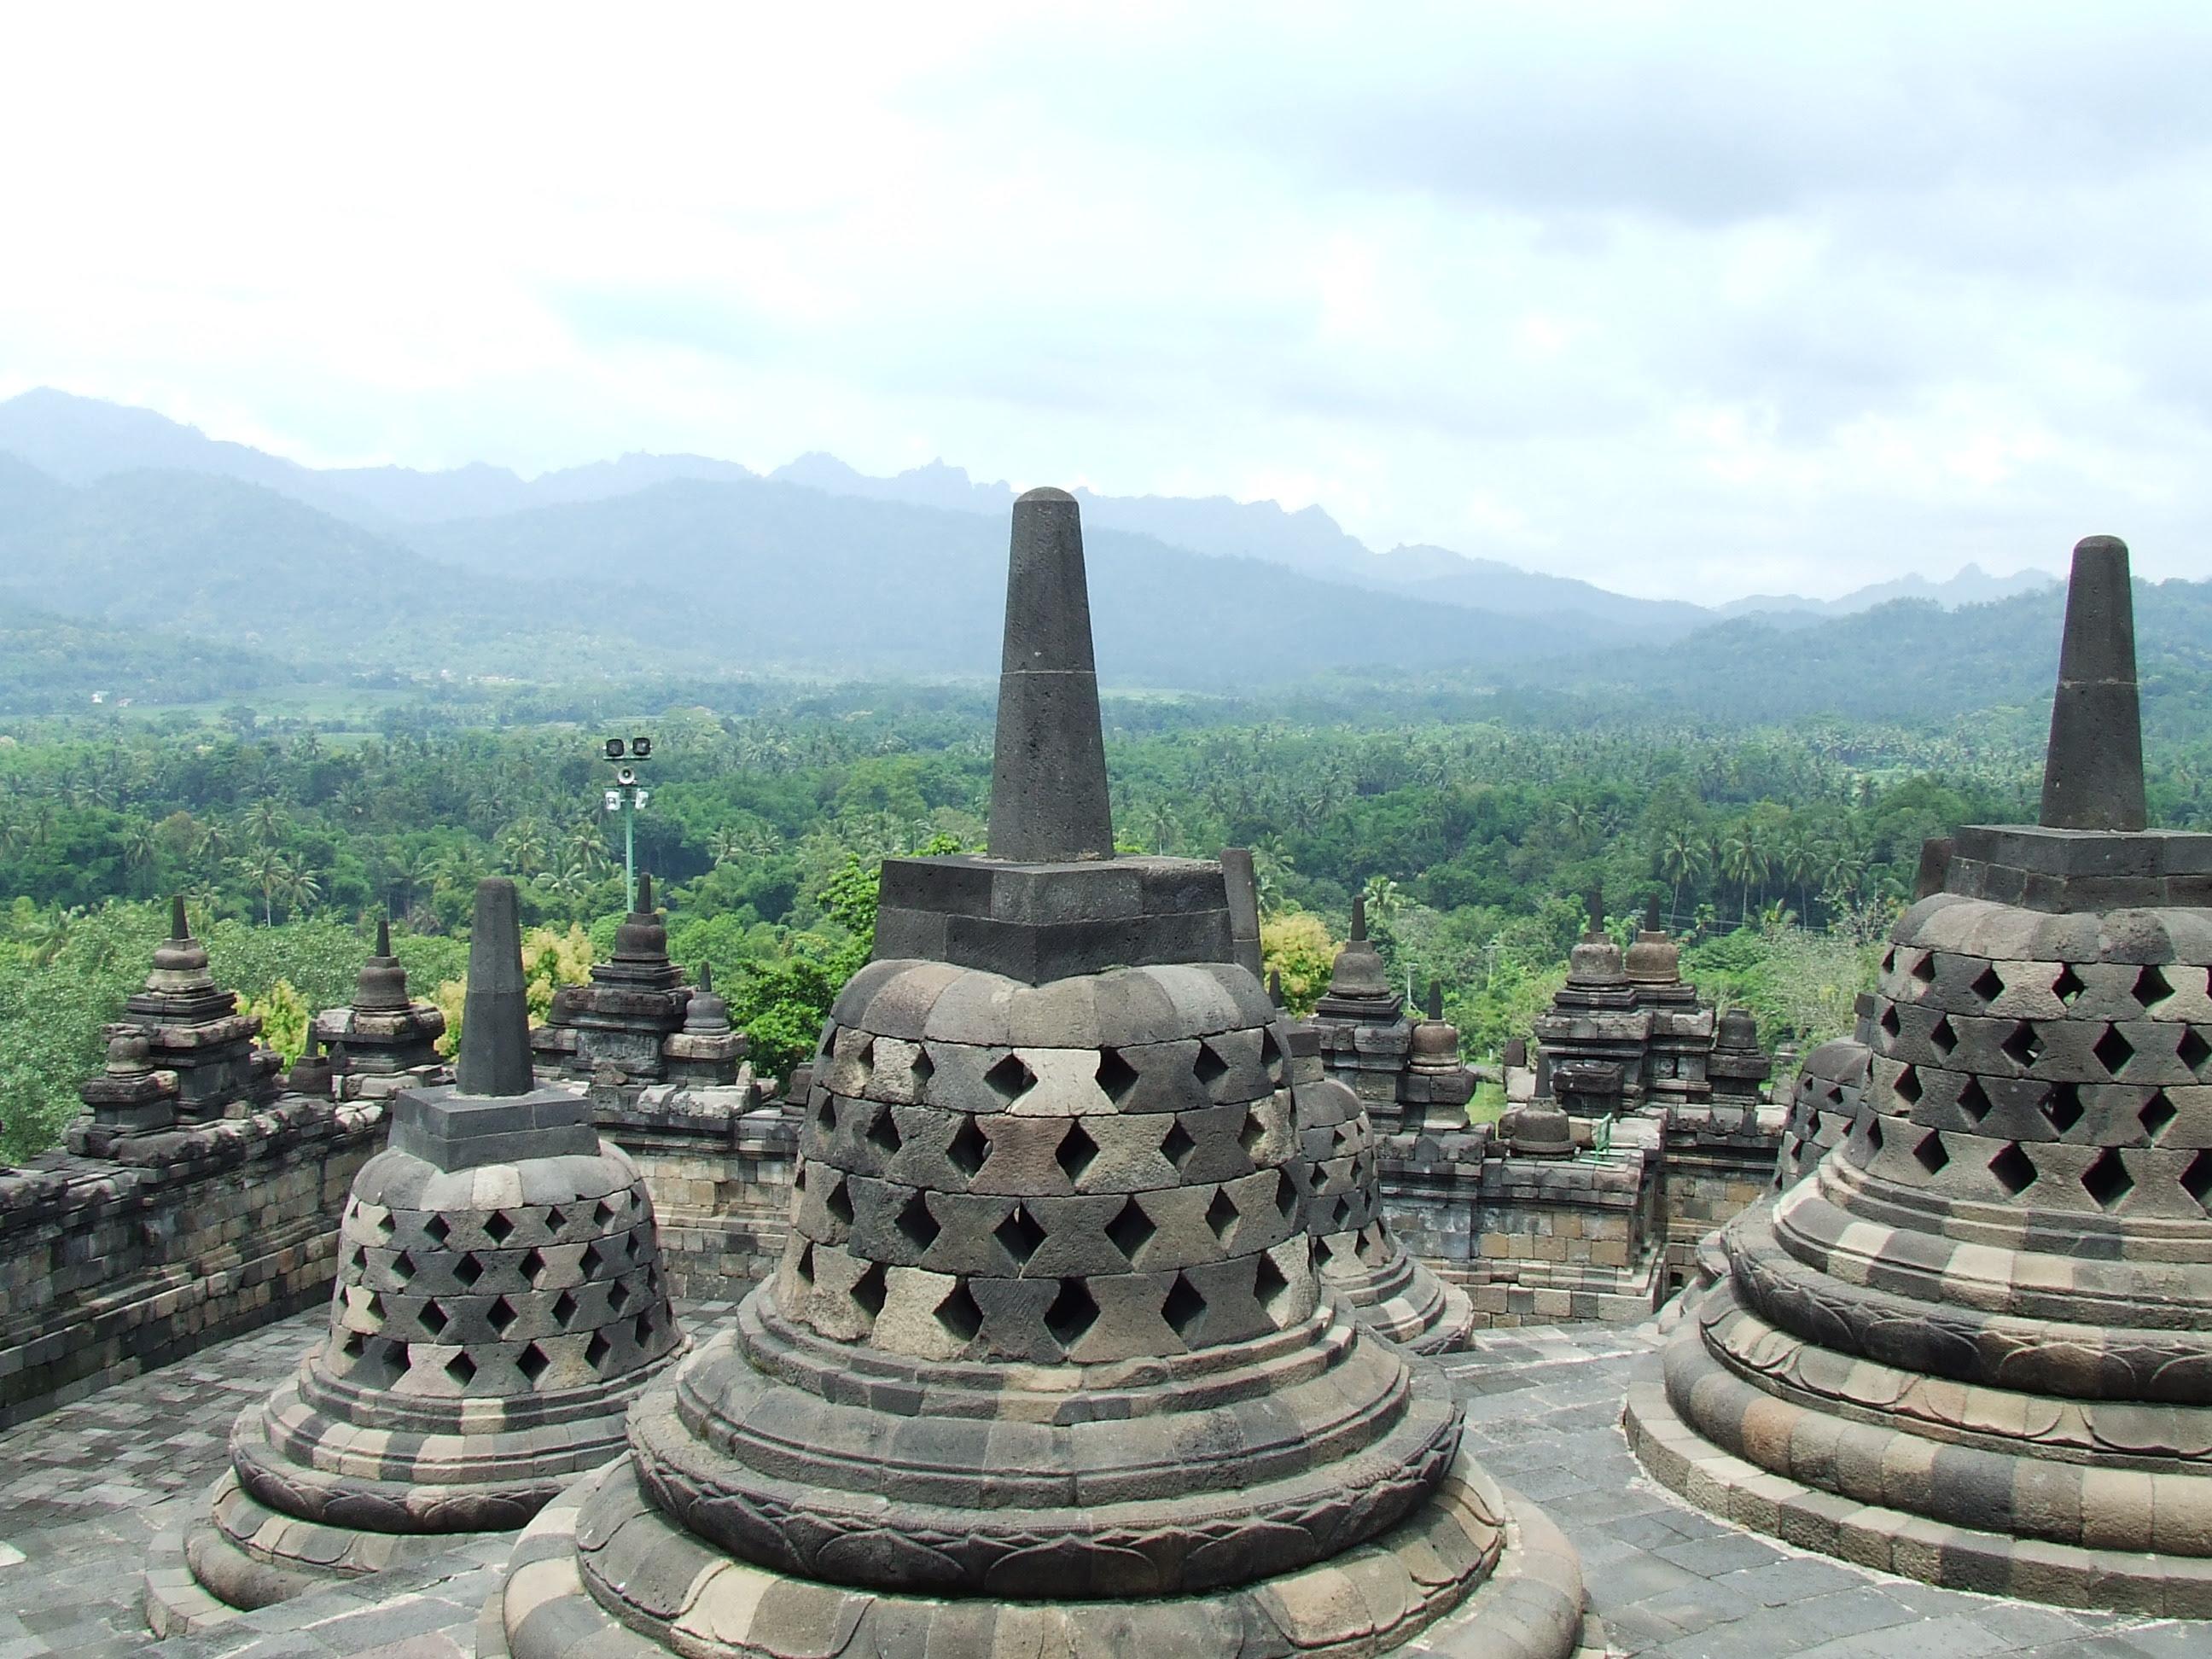 72 Gambar Sketsa Pensil Candi Borobudur Terlihat Keren